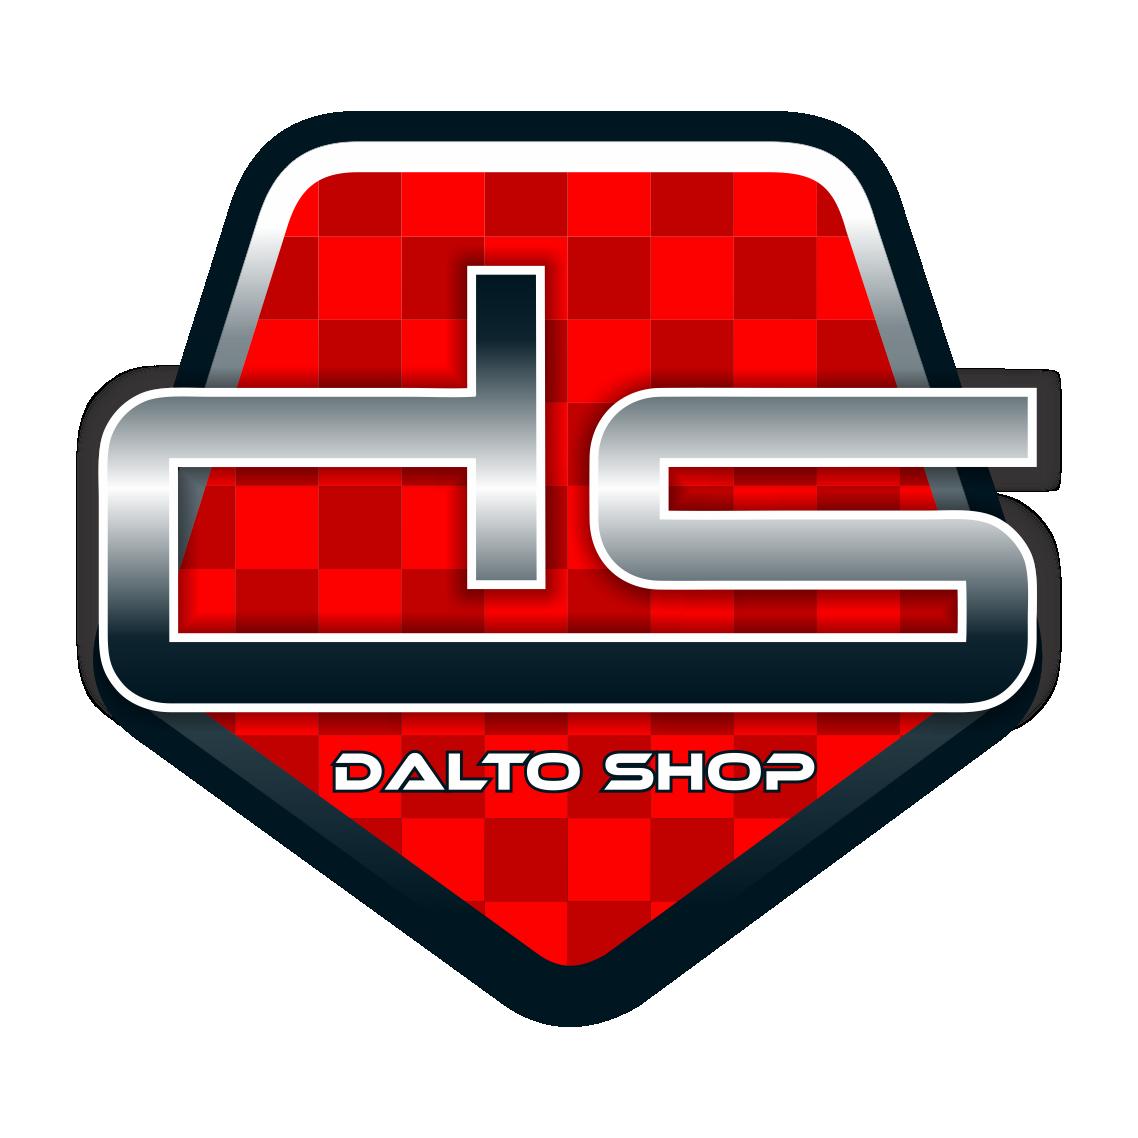 Electrify Expo Dalto Shop logo